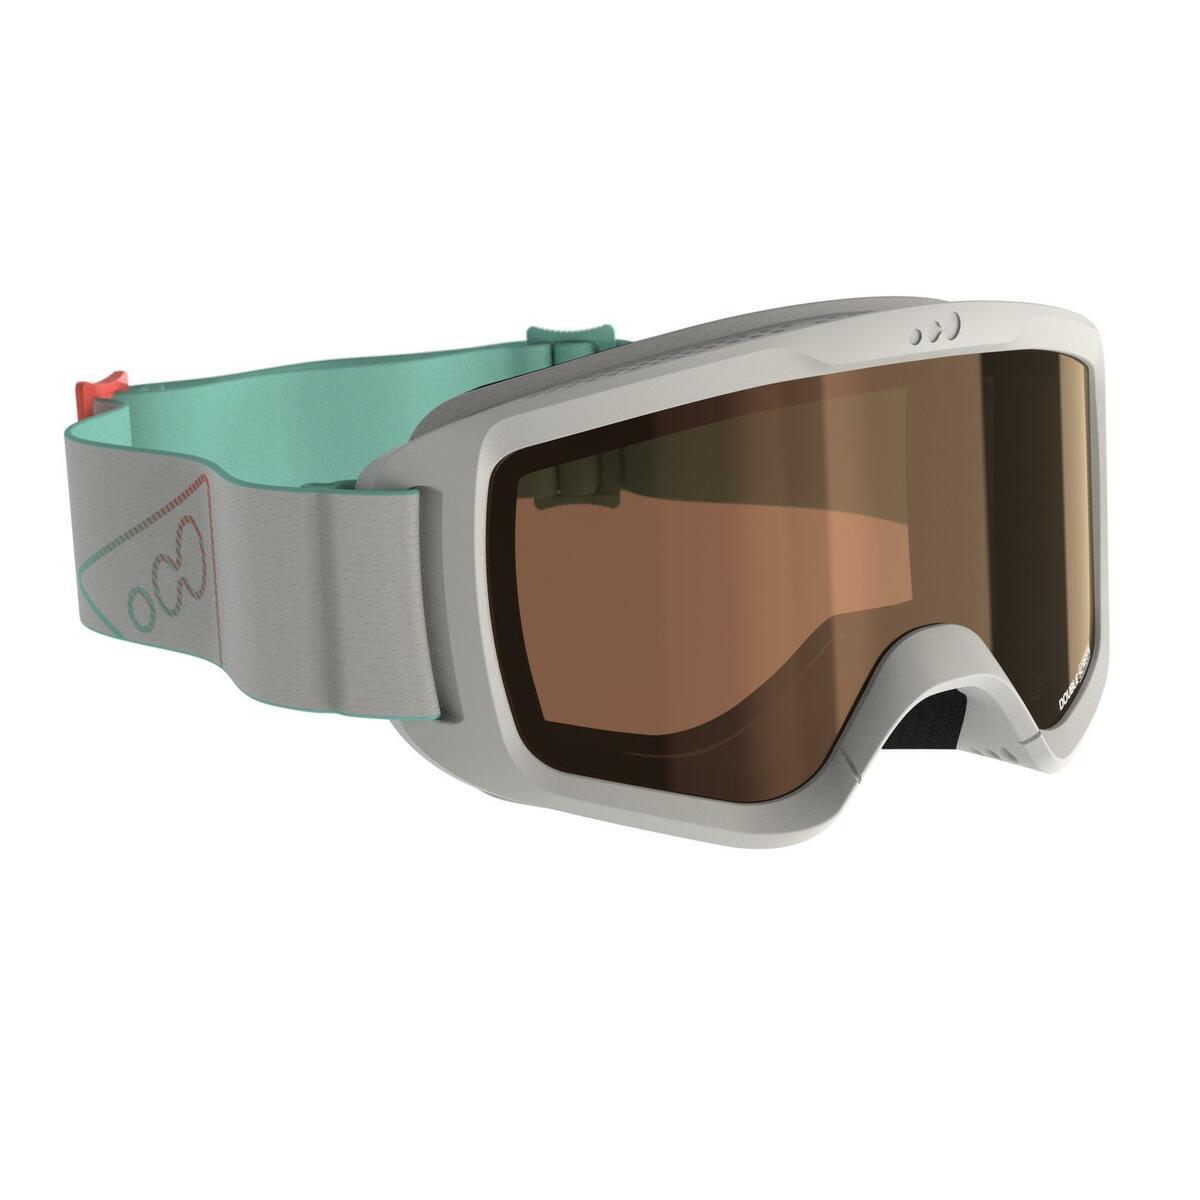 Bild 1 von Skibrille G 140 S3 Mädchen und Frauen schönes Wetter grau